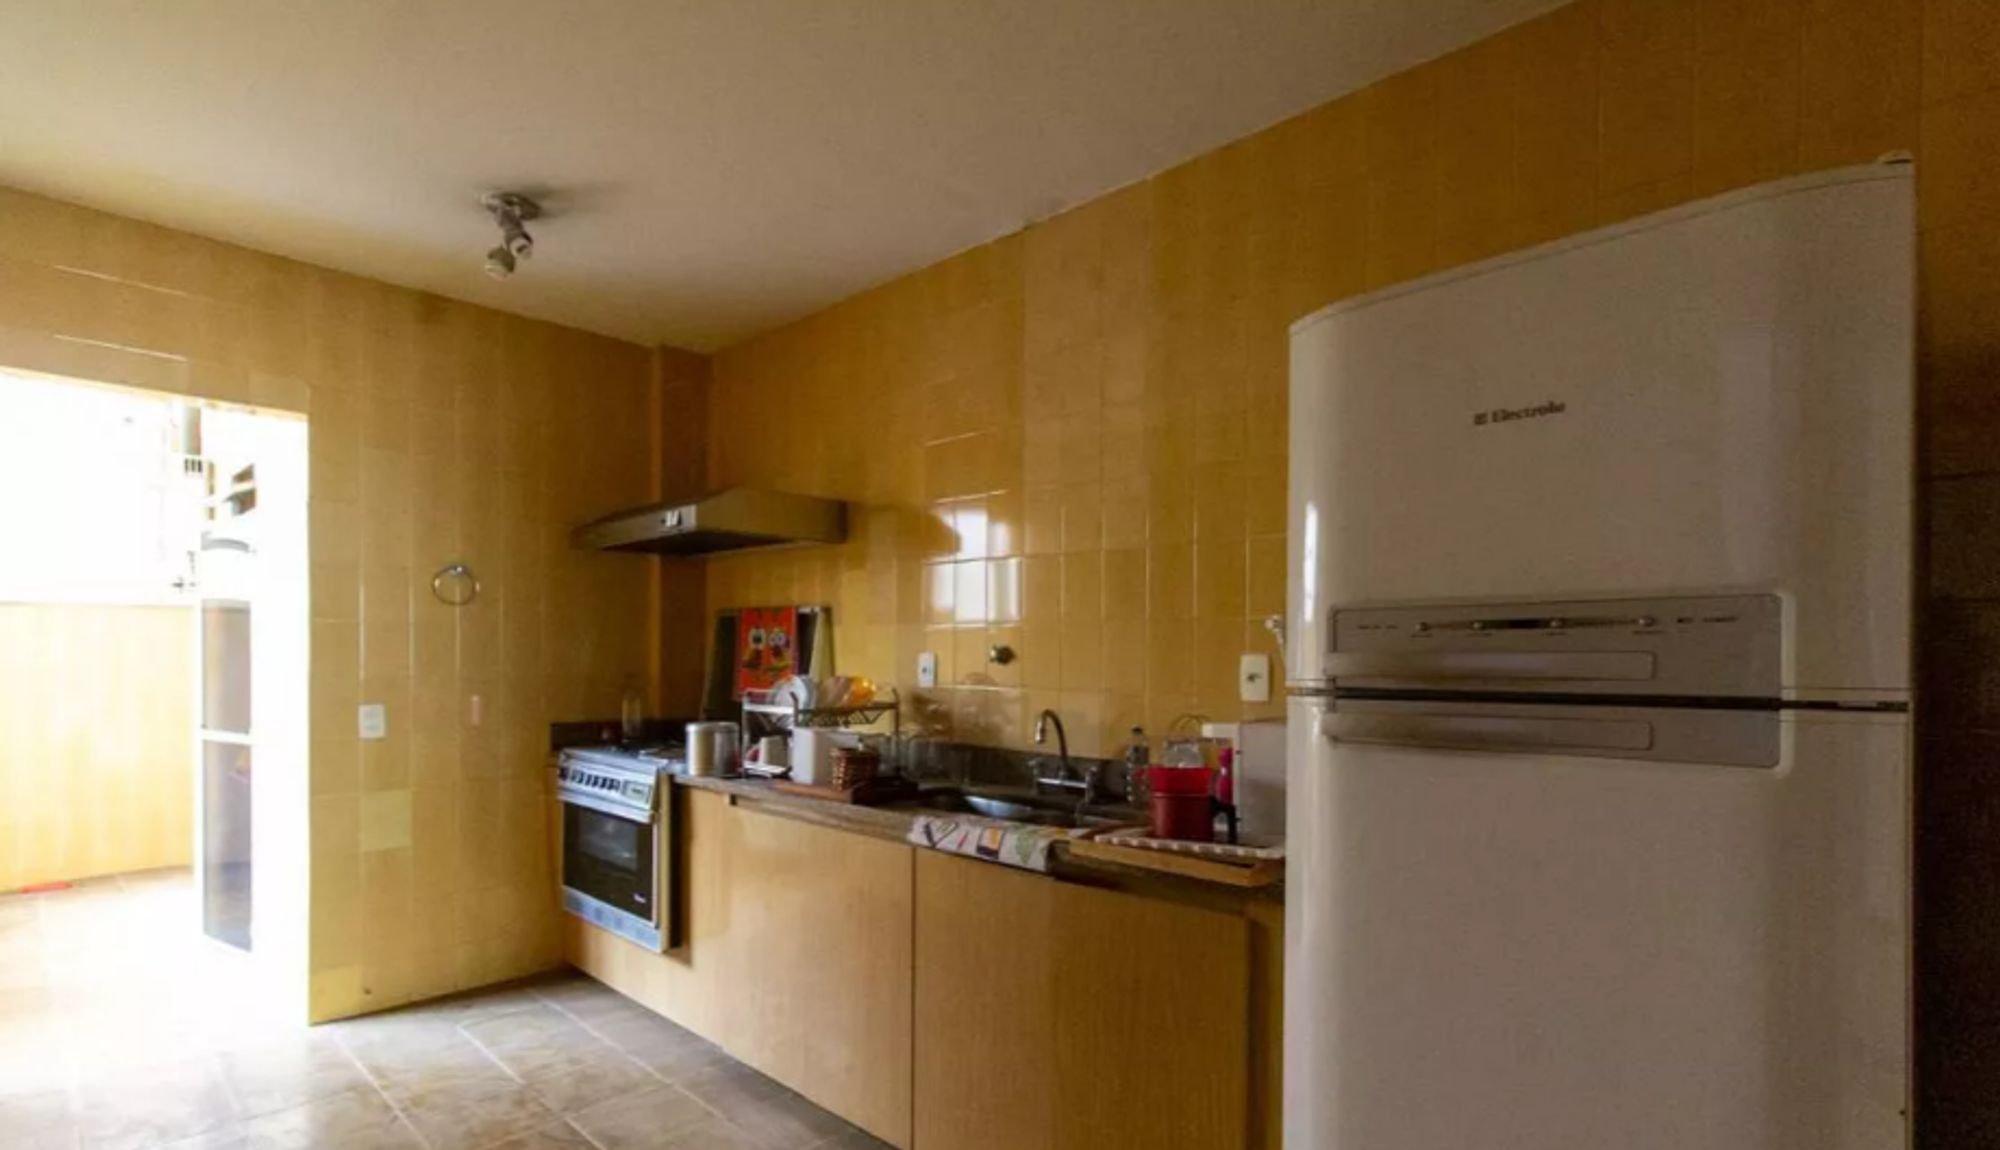 Foto de Cozinha com forno, geladeira, xícara